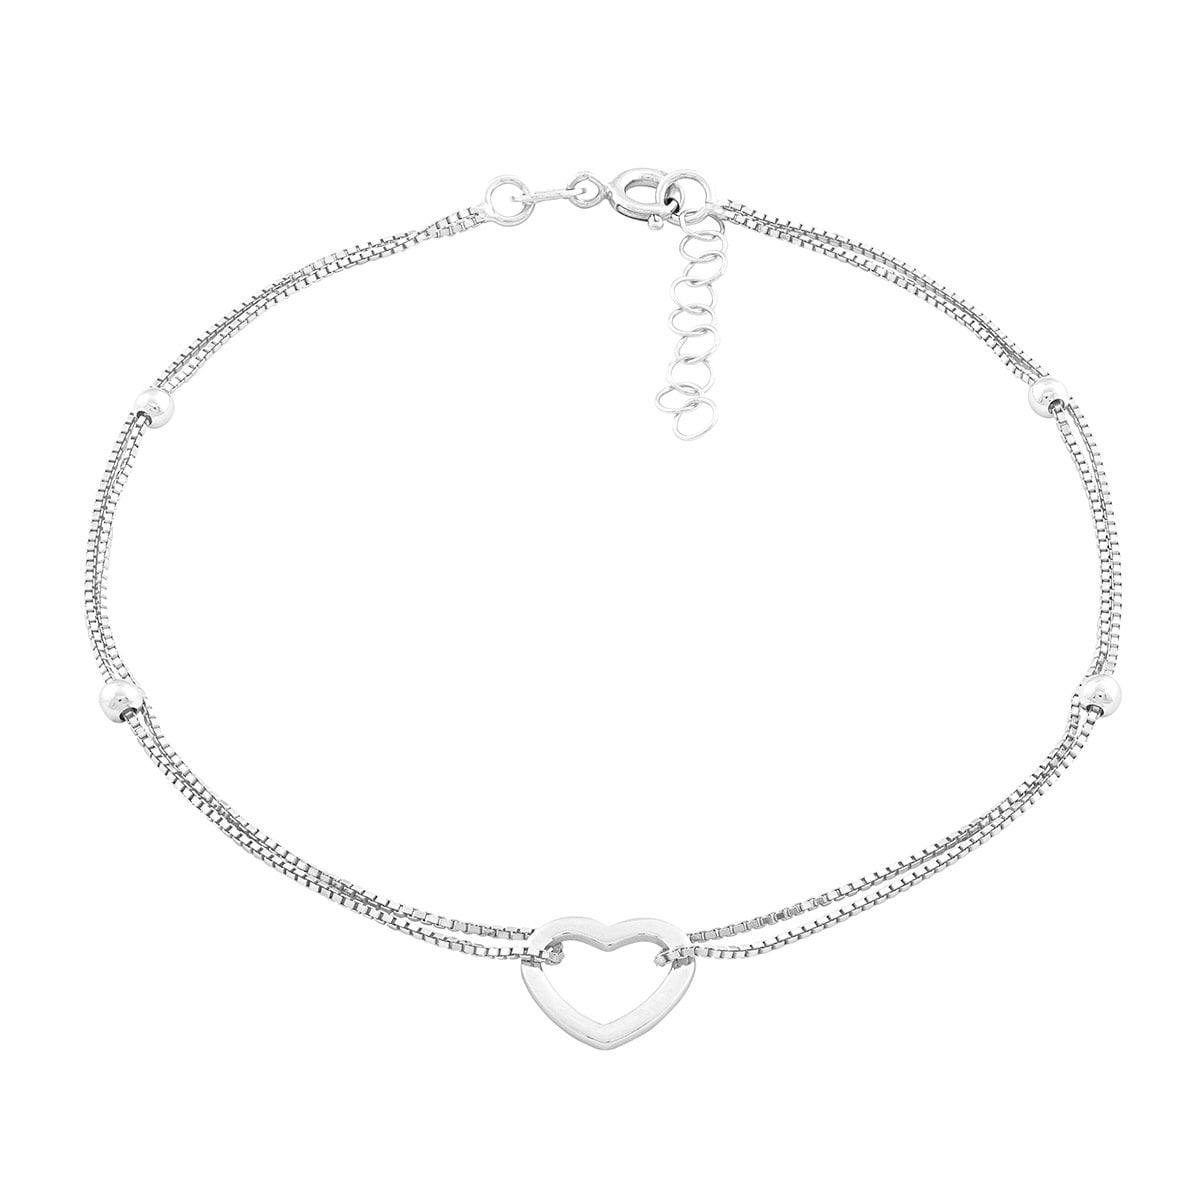 La Preciosa Sterling Silver Double-strand Heart Anklet, W...